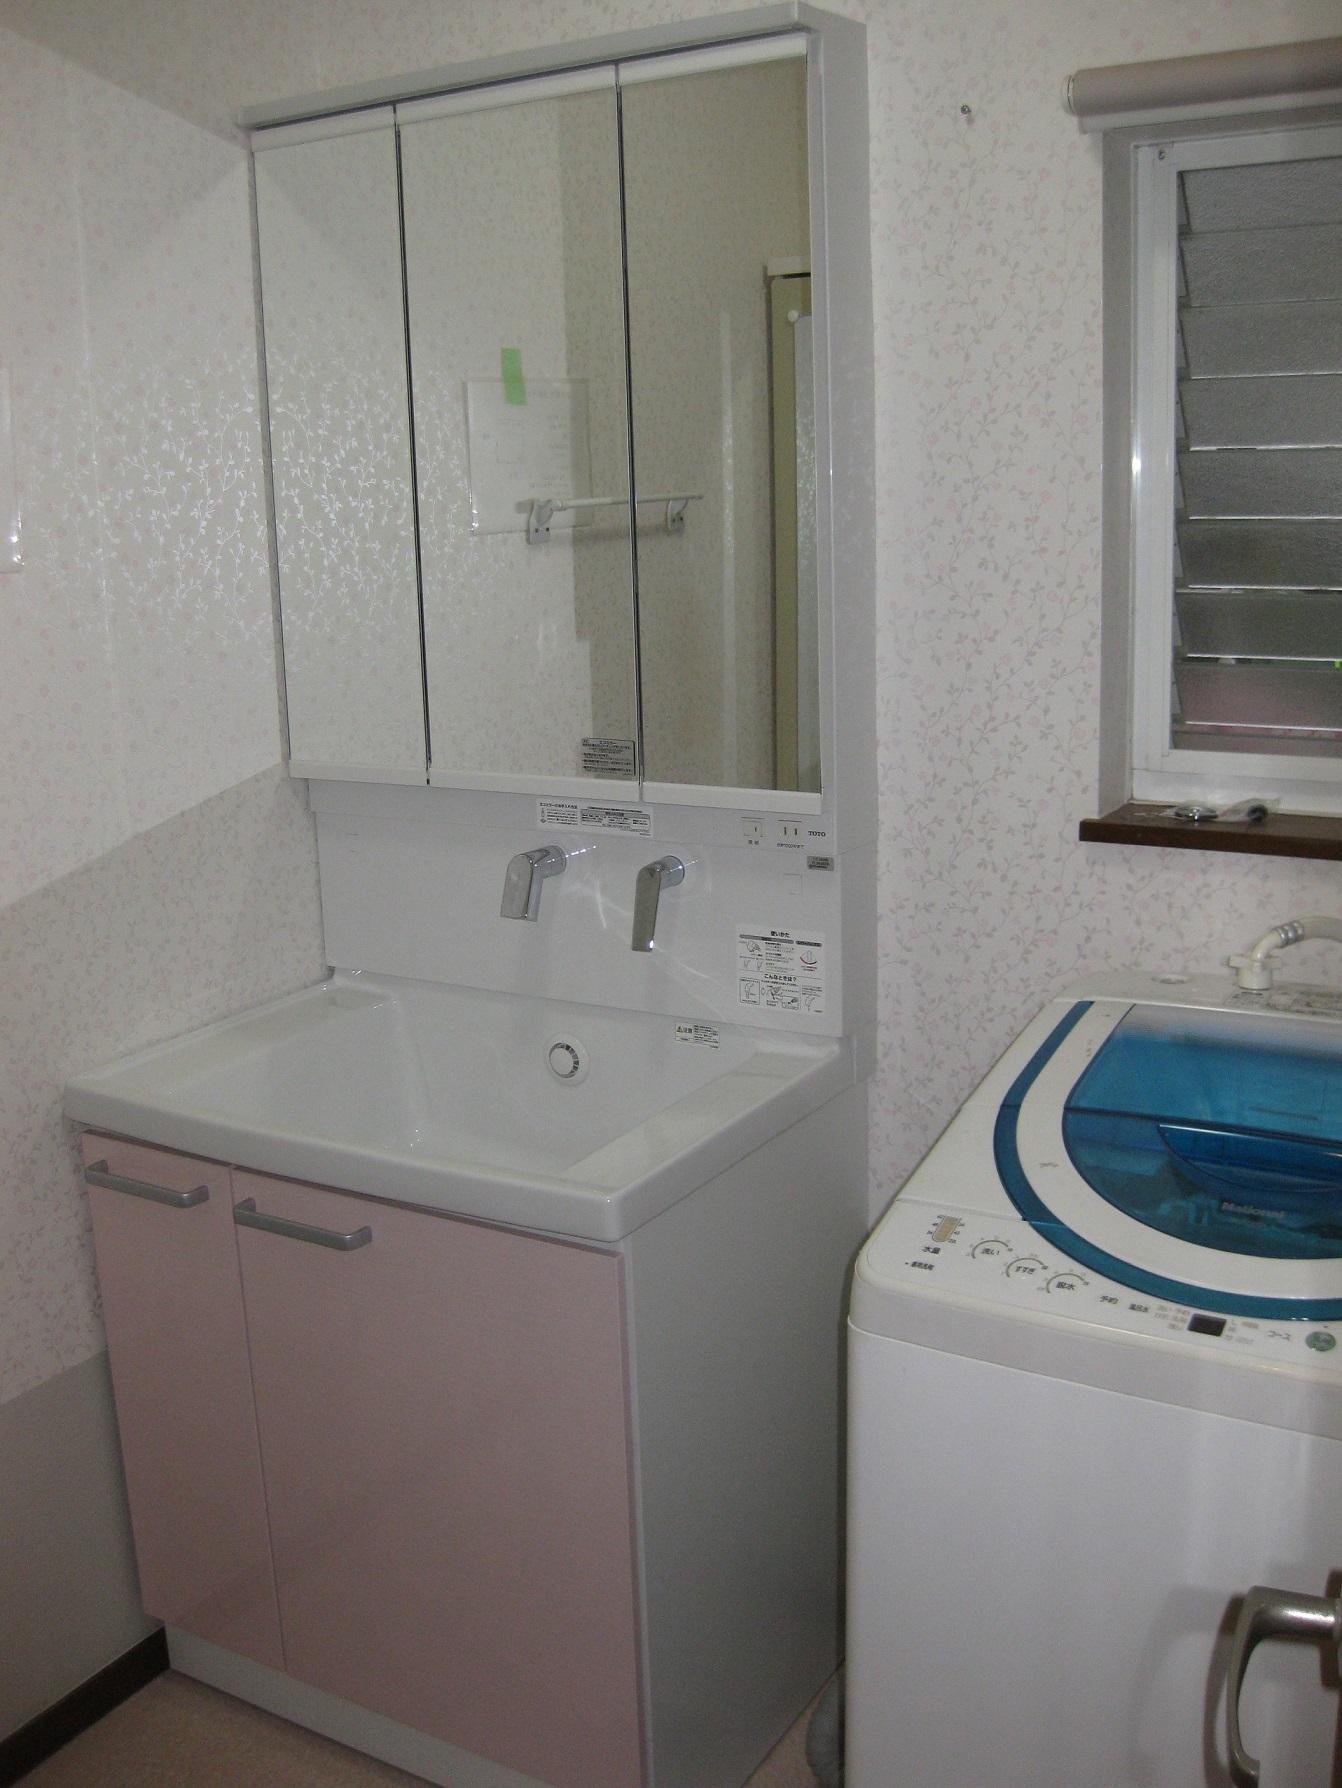 姫路市 洗面所の改修工事